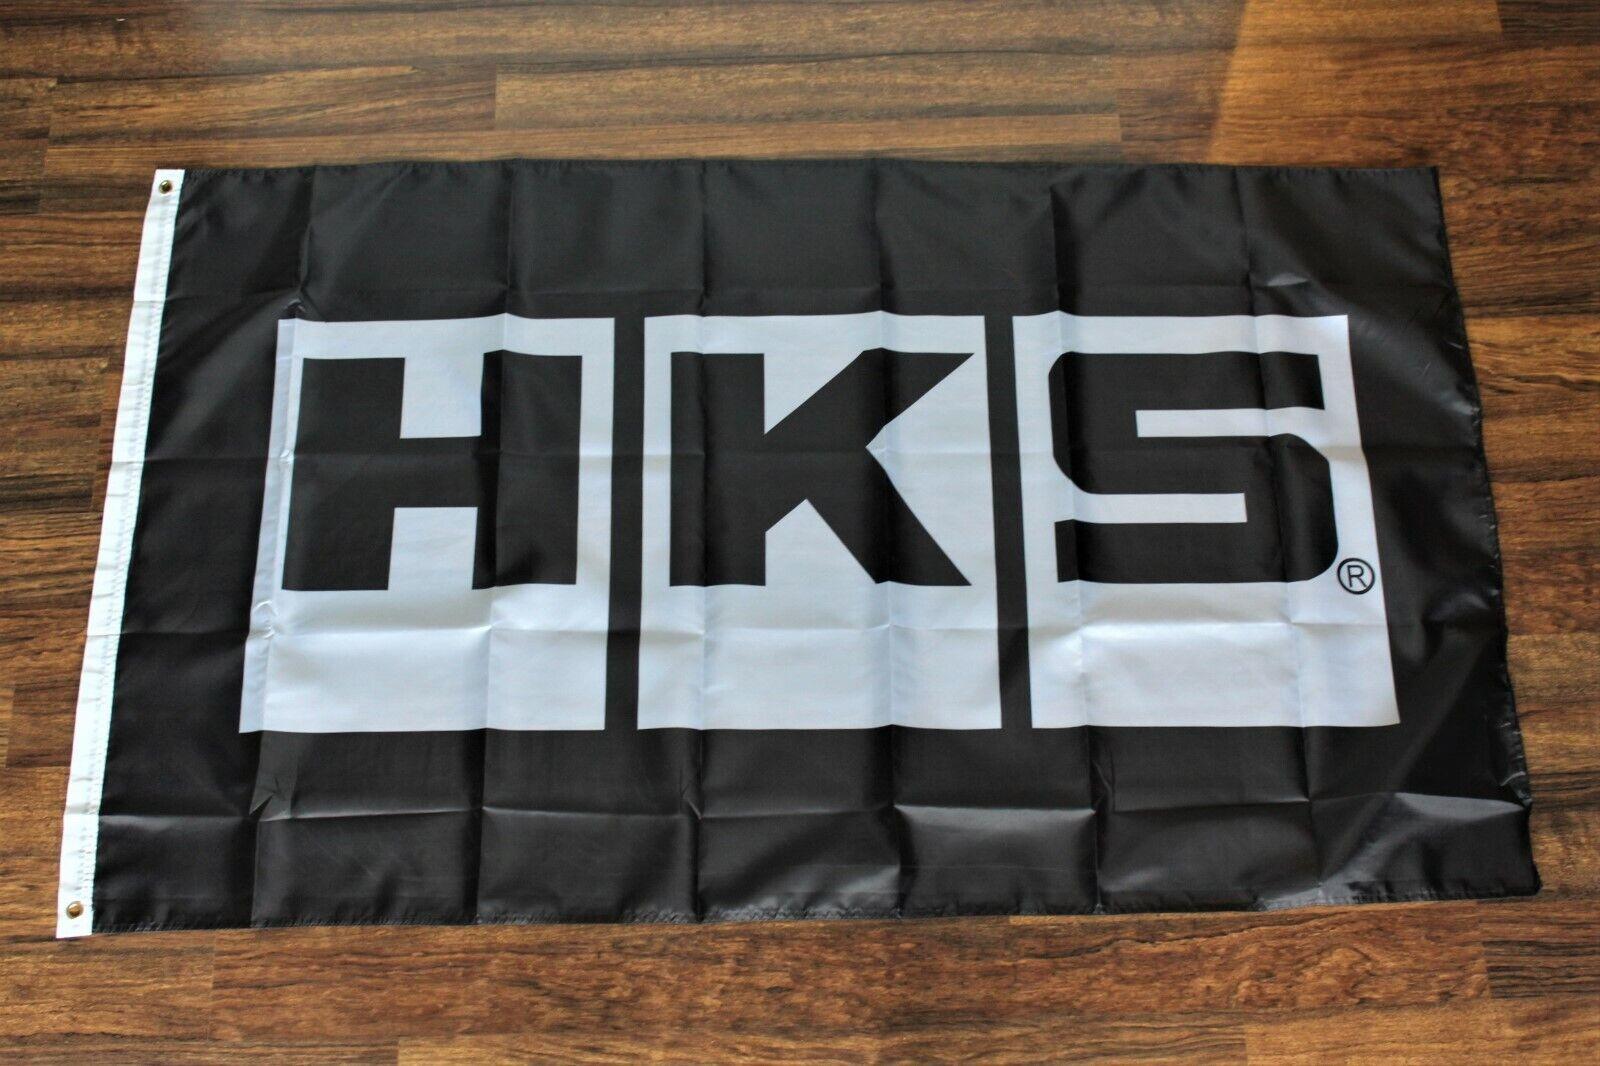 Car Parts - HKS Banner Flag Japanese Aftermarket Car Parts Garage Auto Repair Shop Store 3x5